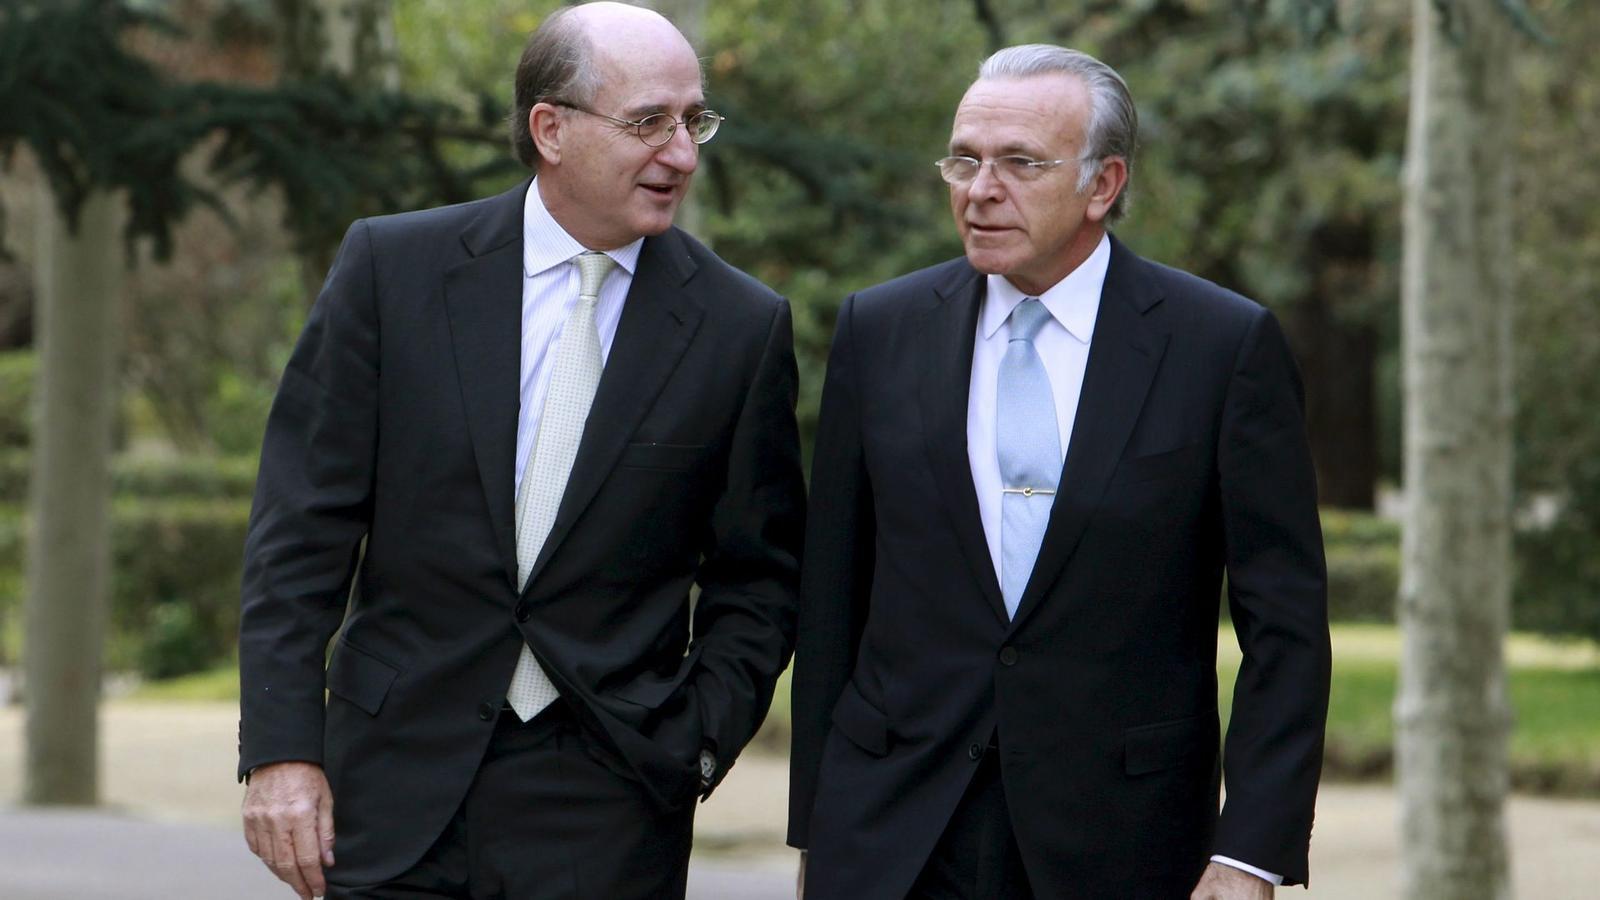 UNA RELACIÓ PROFESSIONAL DE MÉS DE VINT ANYS   El president de CaixaBank, Isidre Fainé (dreta), i el president executiu de Repsol, Antoni Brufau, van treballar plegats a la Caixa entre el 1988 i el 2004, quan Brufau va accedir a la presidència de Repsol. Eren els directors generals de l'entitat financera. A la imatge, tots dos arribant a la Moncloa el 2010 en una trobada empresarial convocada per Zapatero.